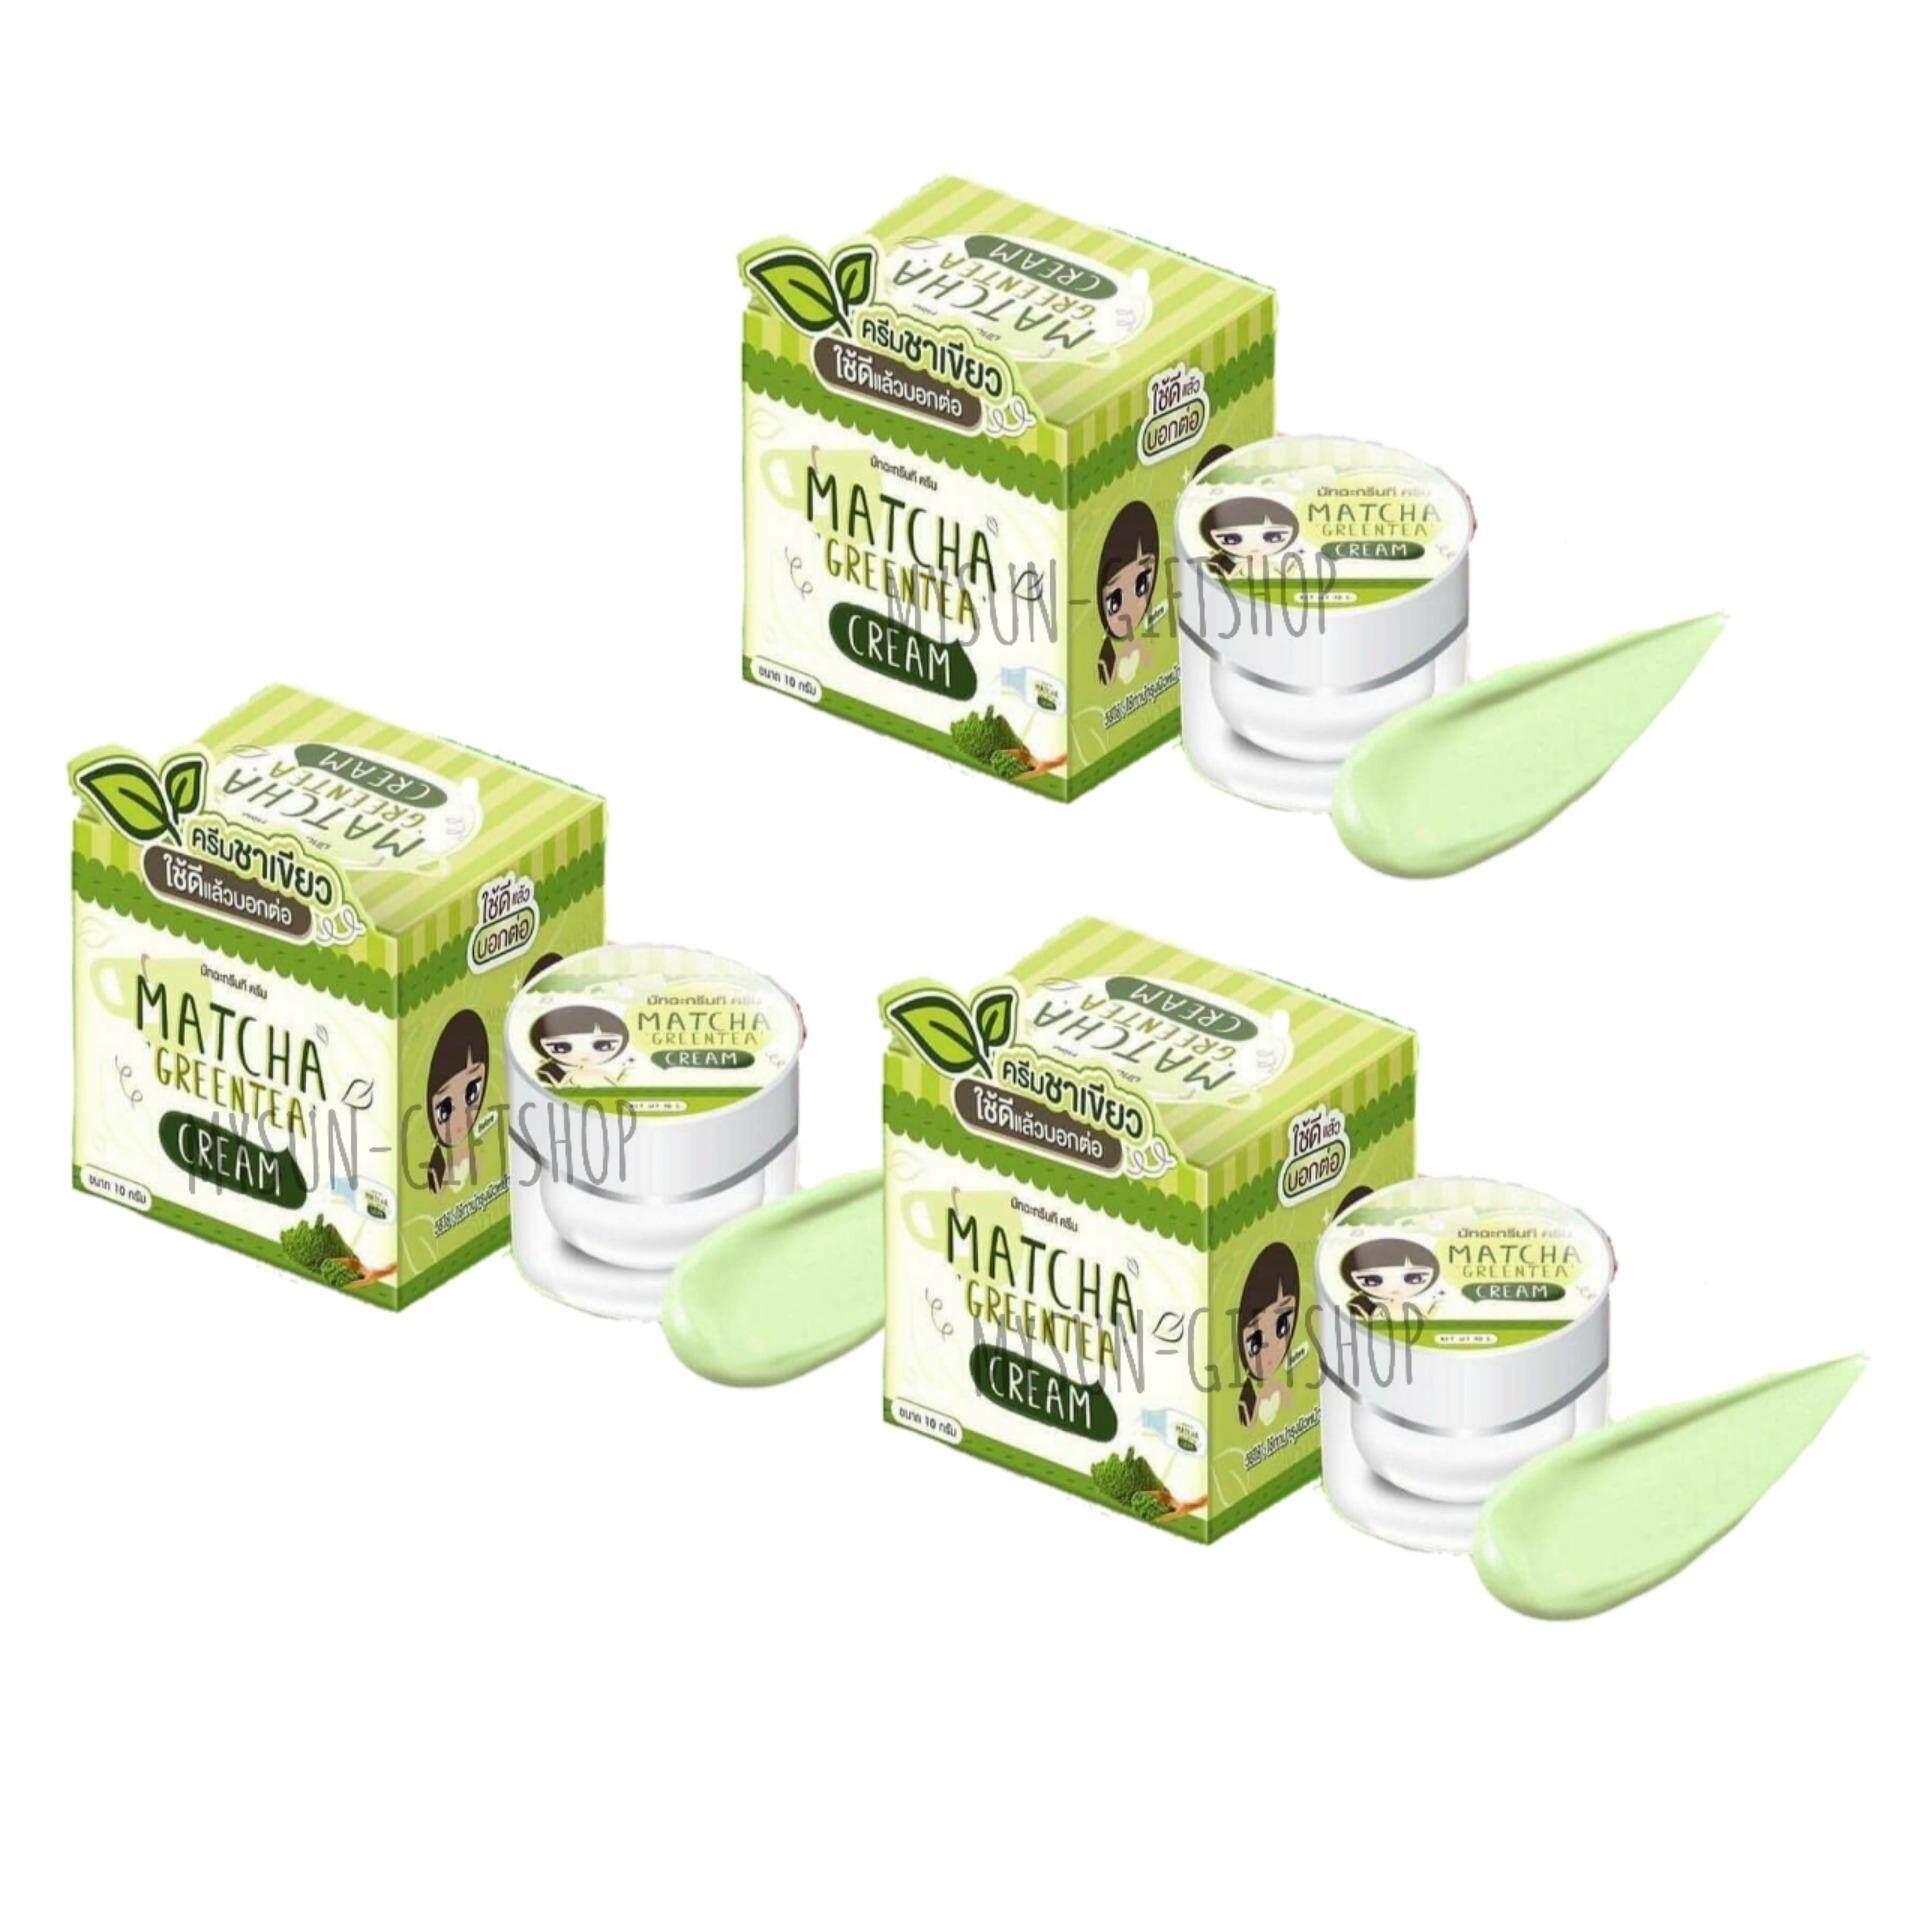 ข้อมูล Matcha Greentea Cream มัทฉะกรีนที ครีม ครีมชาเขียว หน้าขาวใส ห่างไกลสิว สุดยอดแห่งการบำรุงผิวหน้า อย่างล้ำลึก ขนาด 10 กรัม (3 กล่อง) ขาวจริง